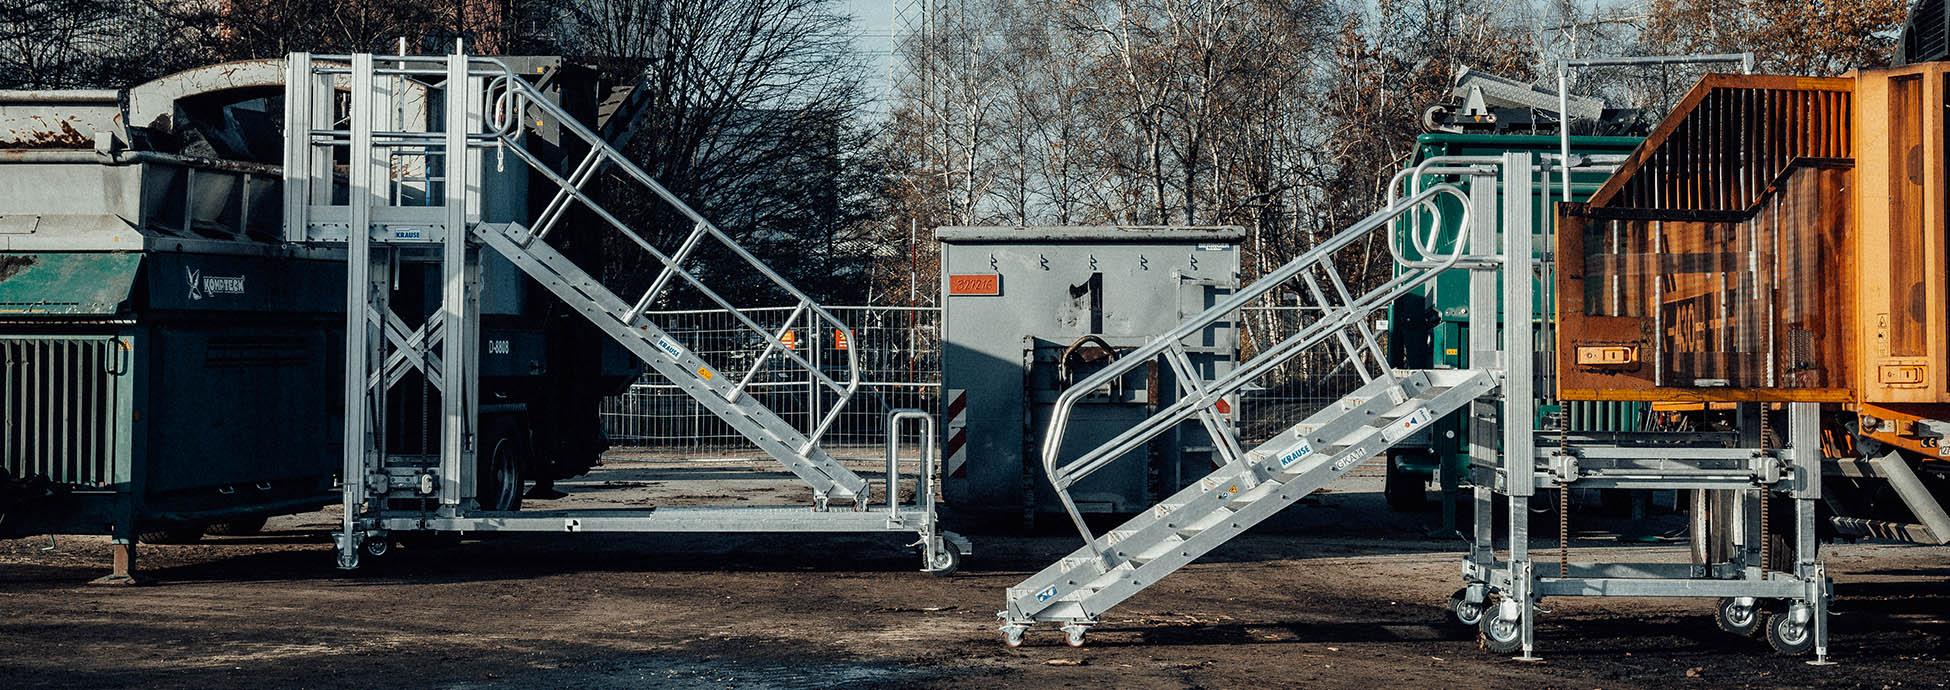 Jezdna platforma robocza z regulowana wysokością z wejściem za pomocą schodów wleczonych